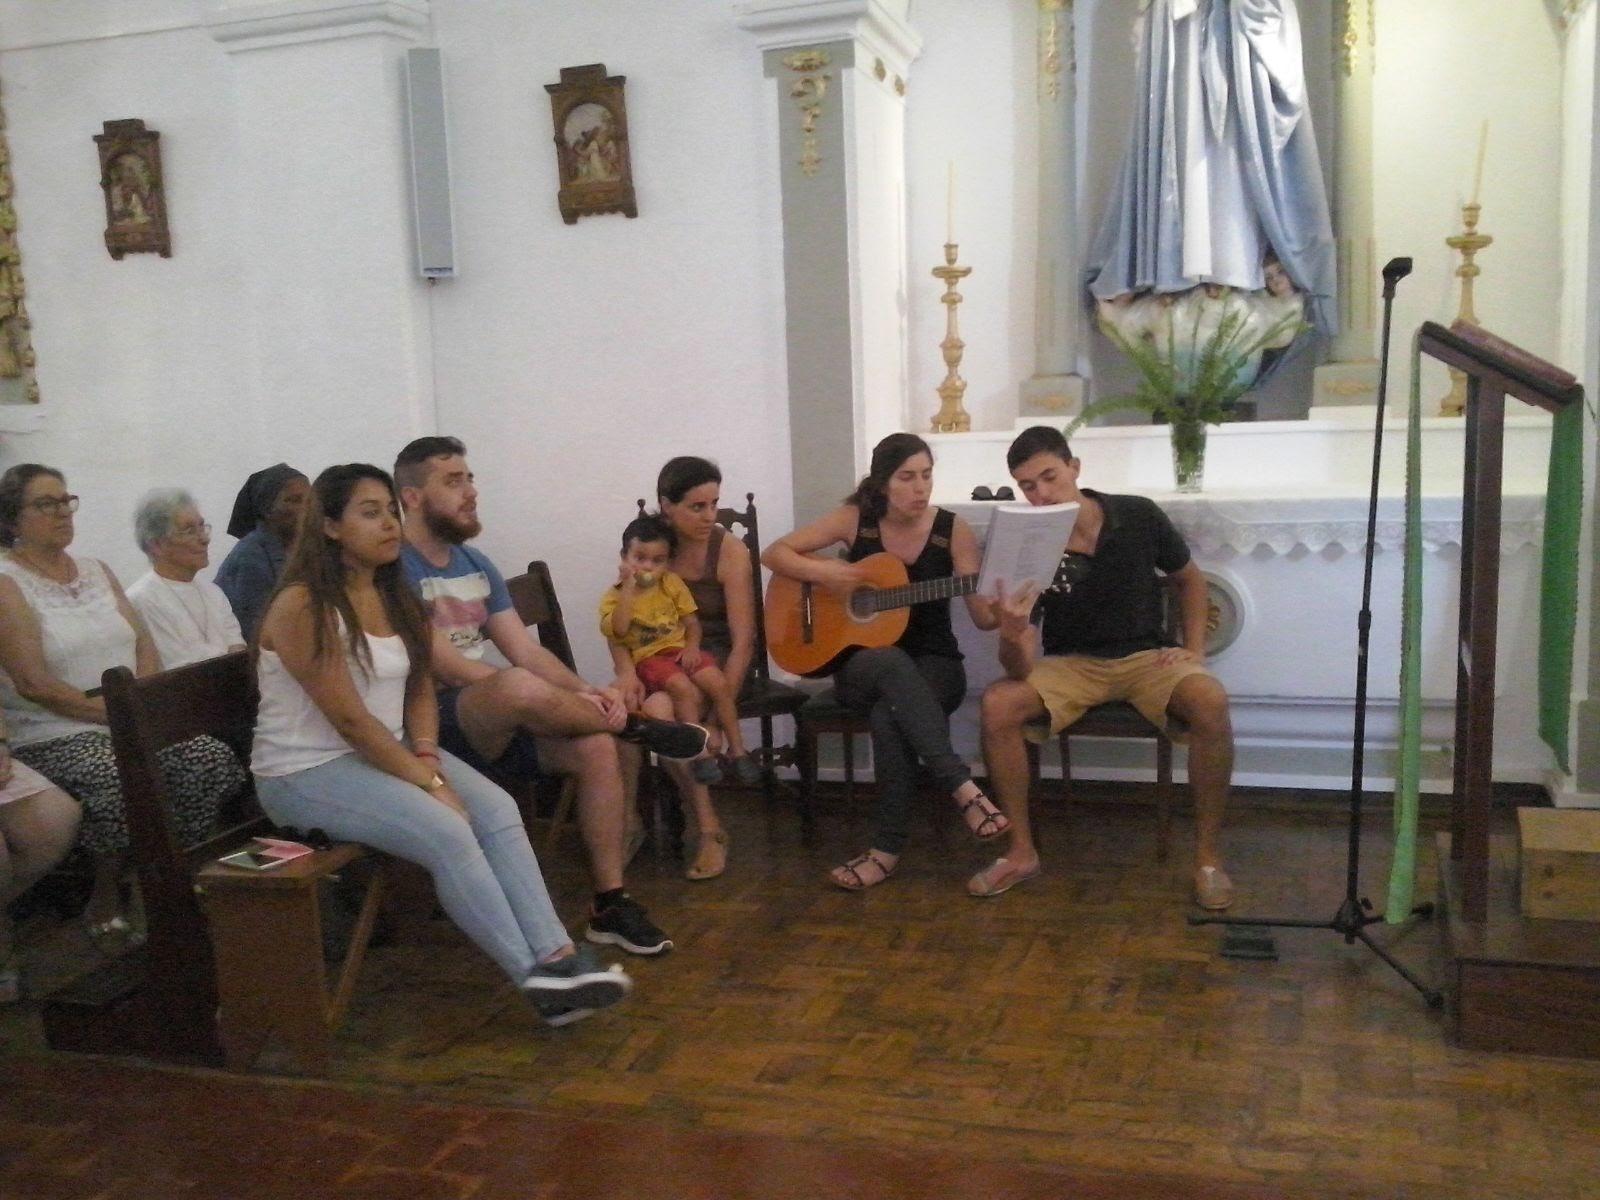 2016.07.4-10 - Campamento Niños en Portugal (20).jpg